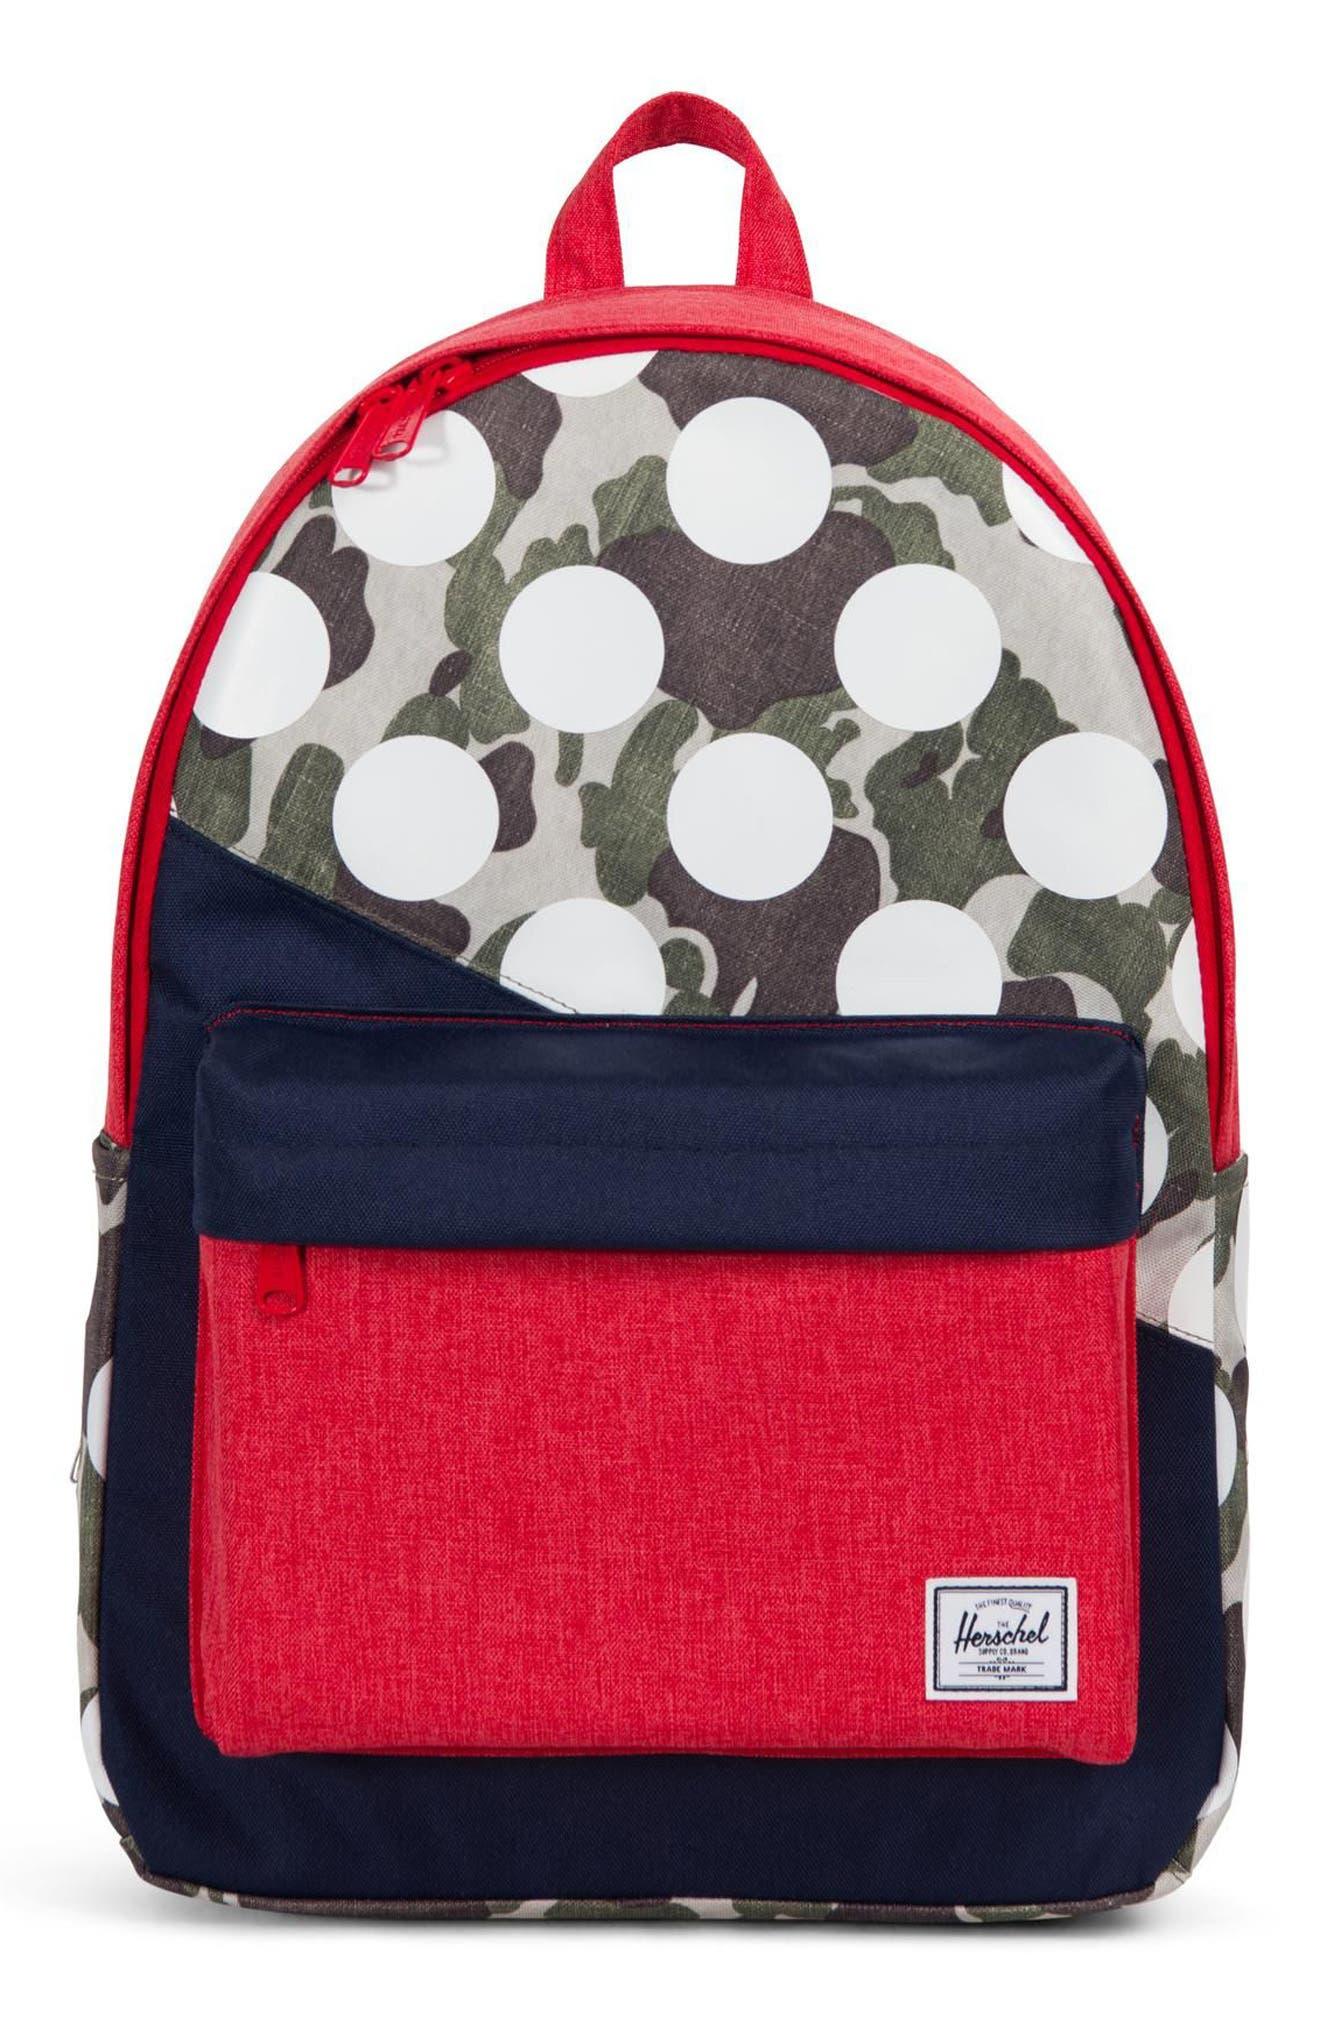 Herschel Supply Co. Classic Kaleidoscope Backpack - Red